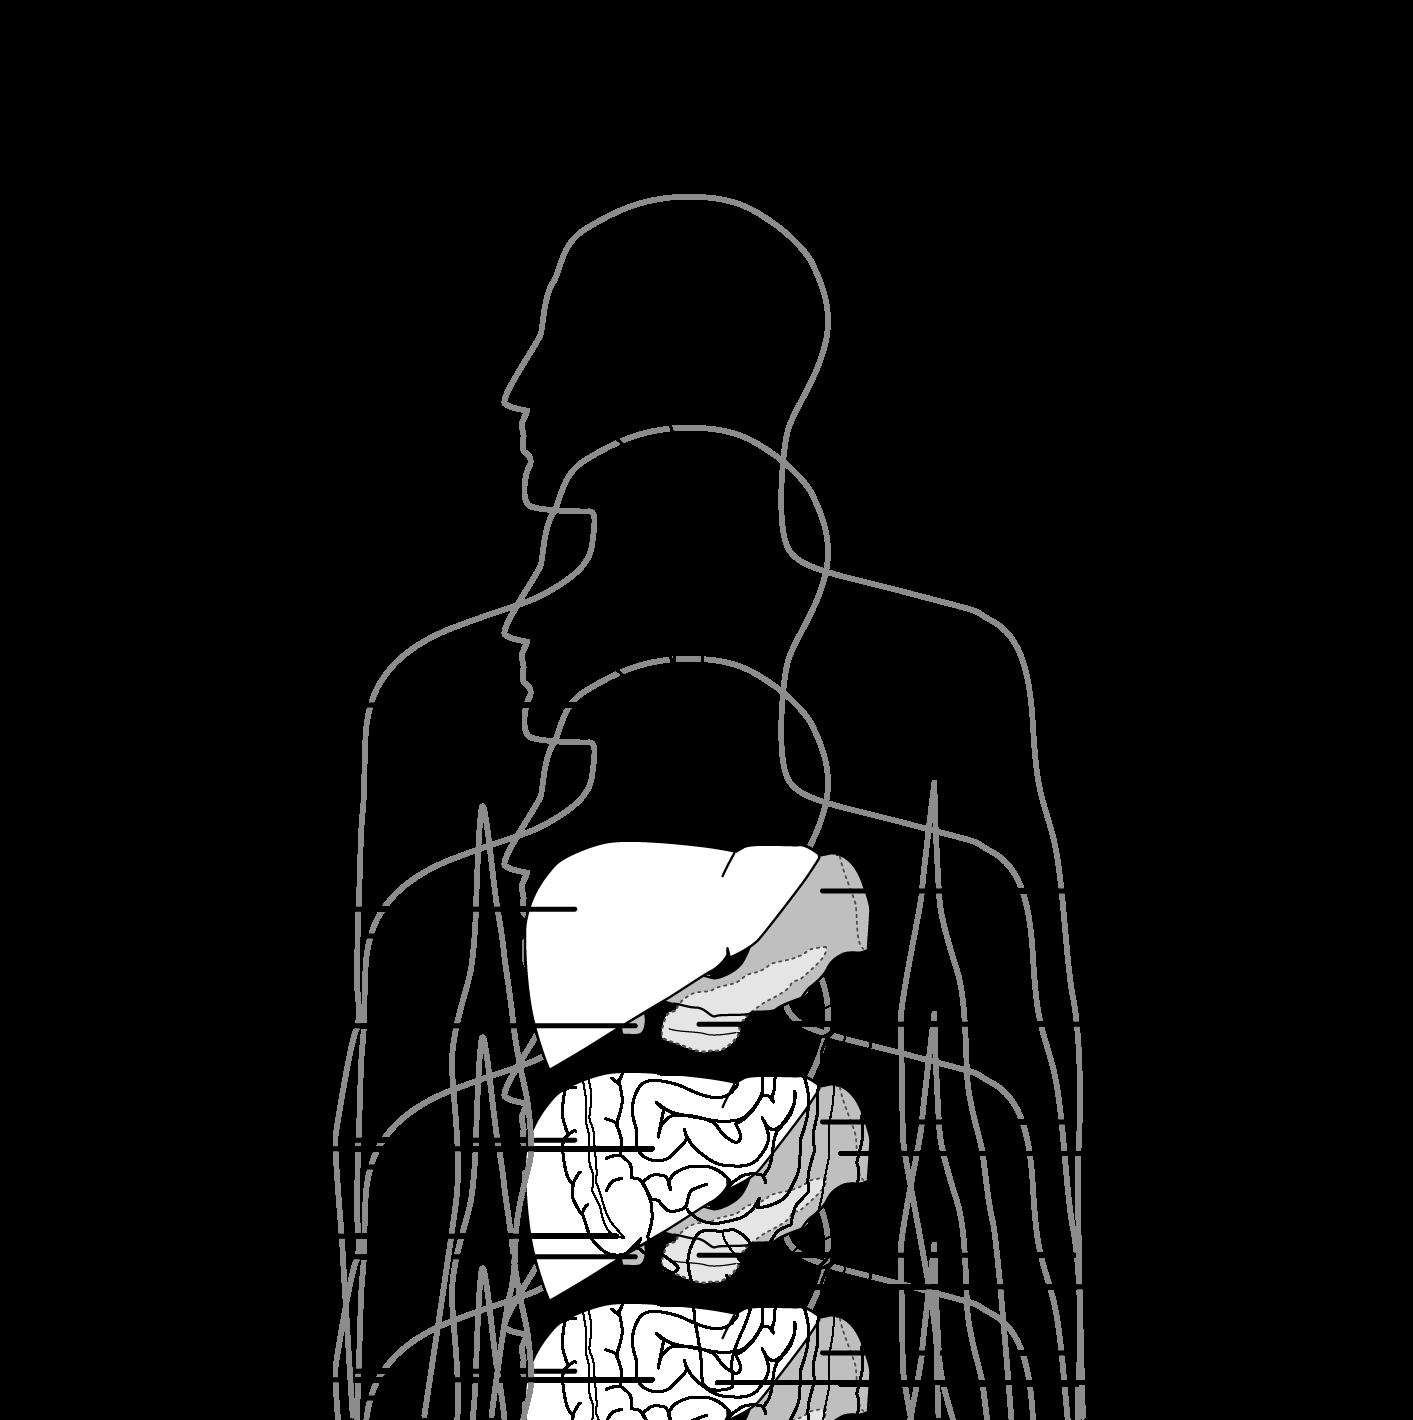 Liver Clipart Unlabeled  Liver Unlabeled Transparent Free For Download On Webstockreview 2020